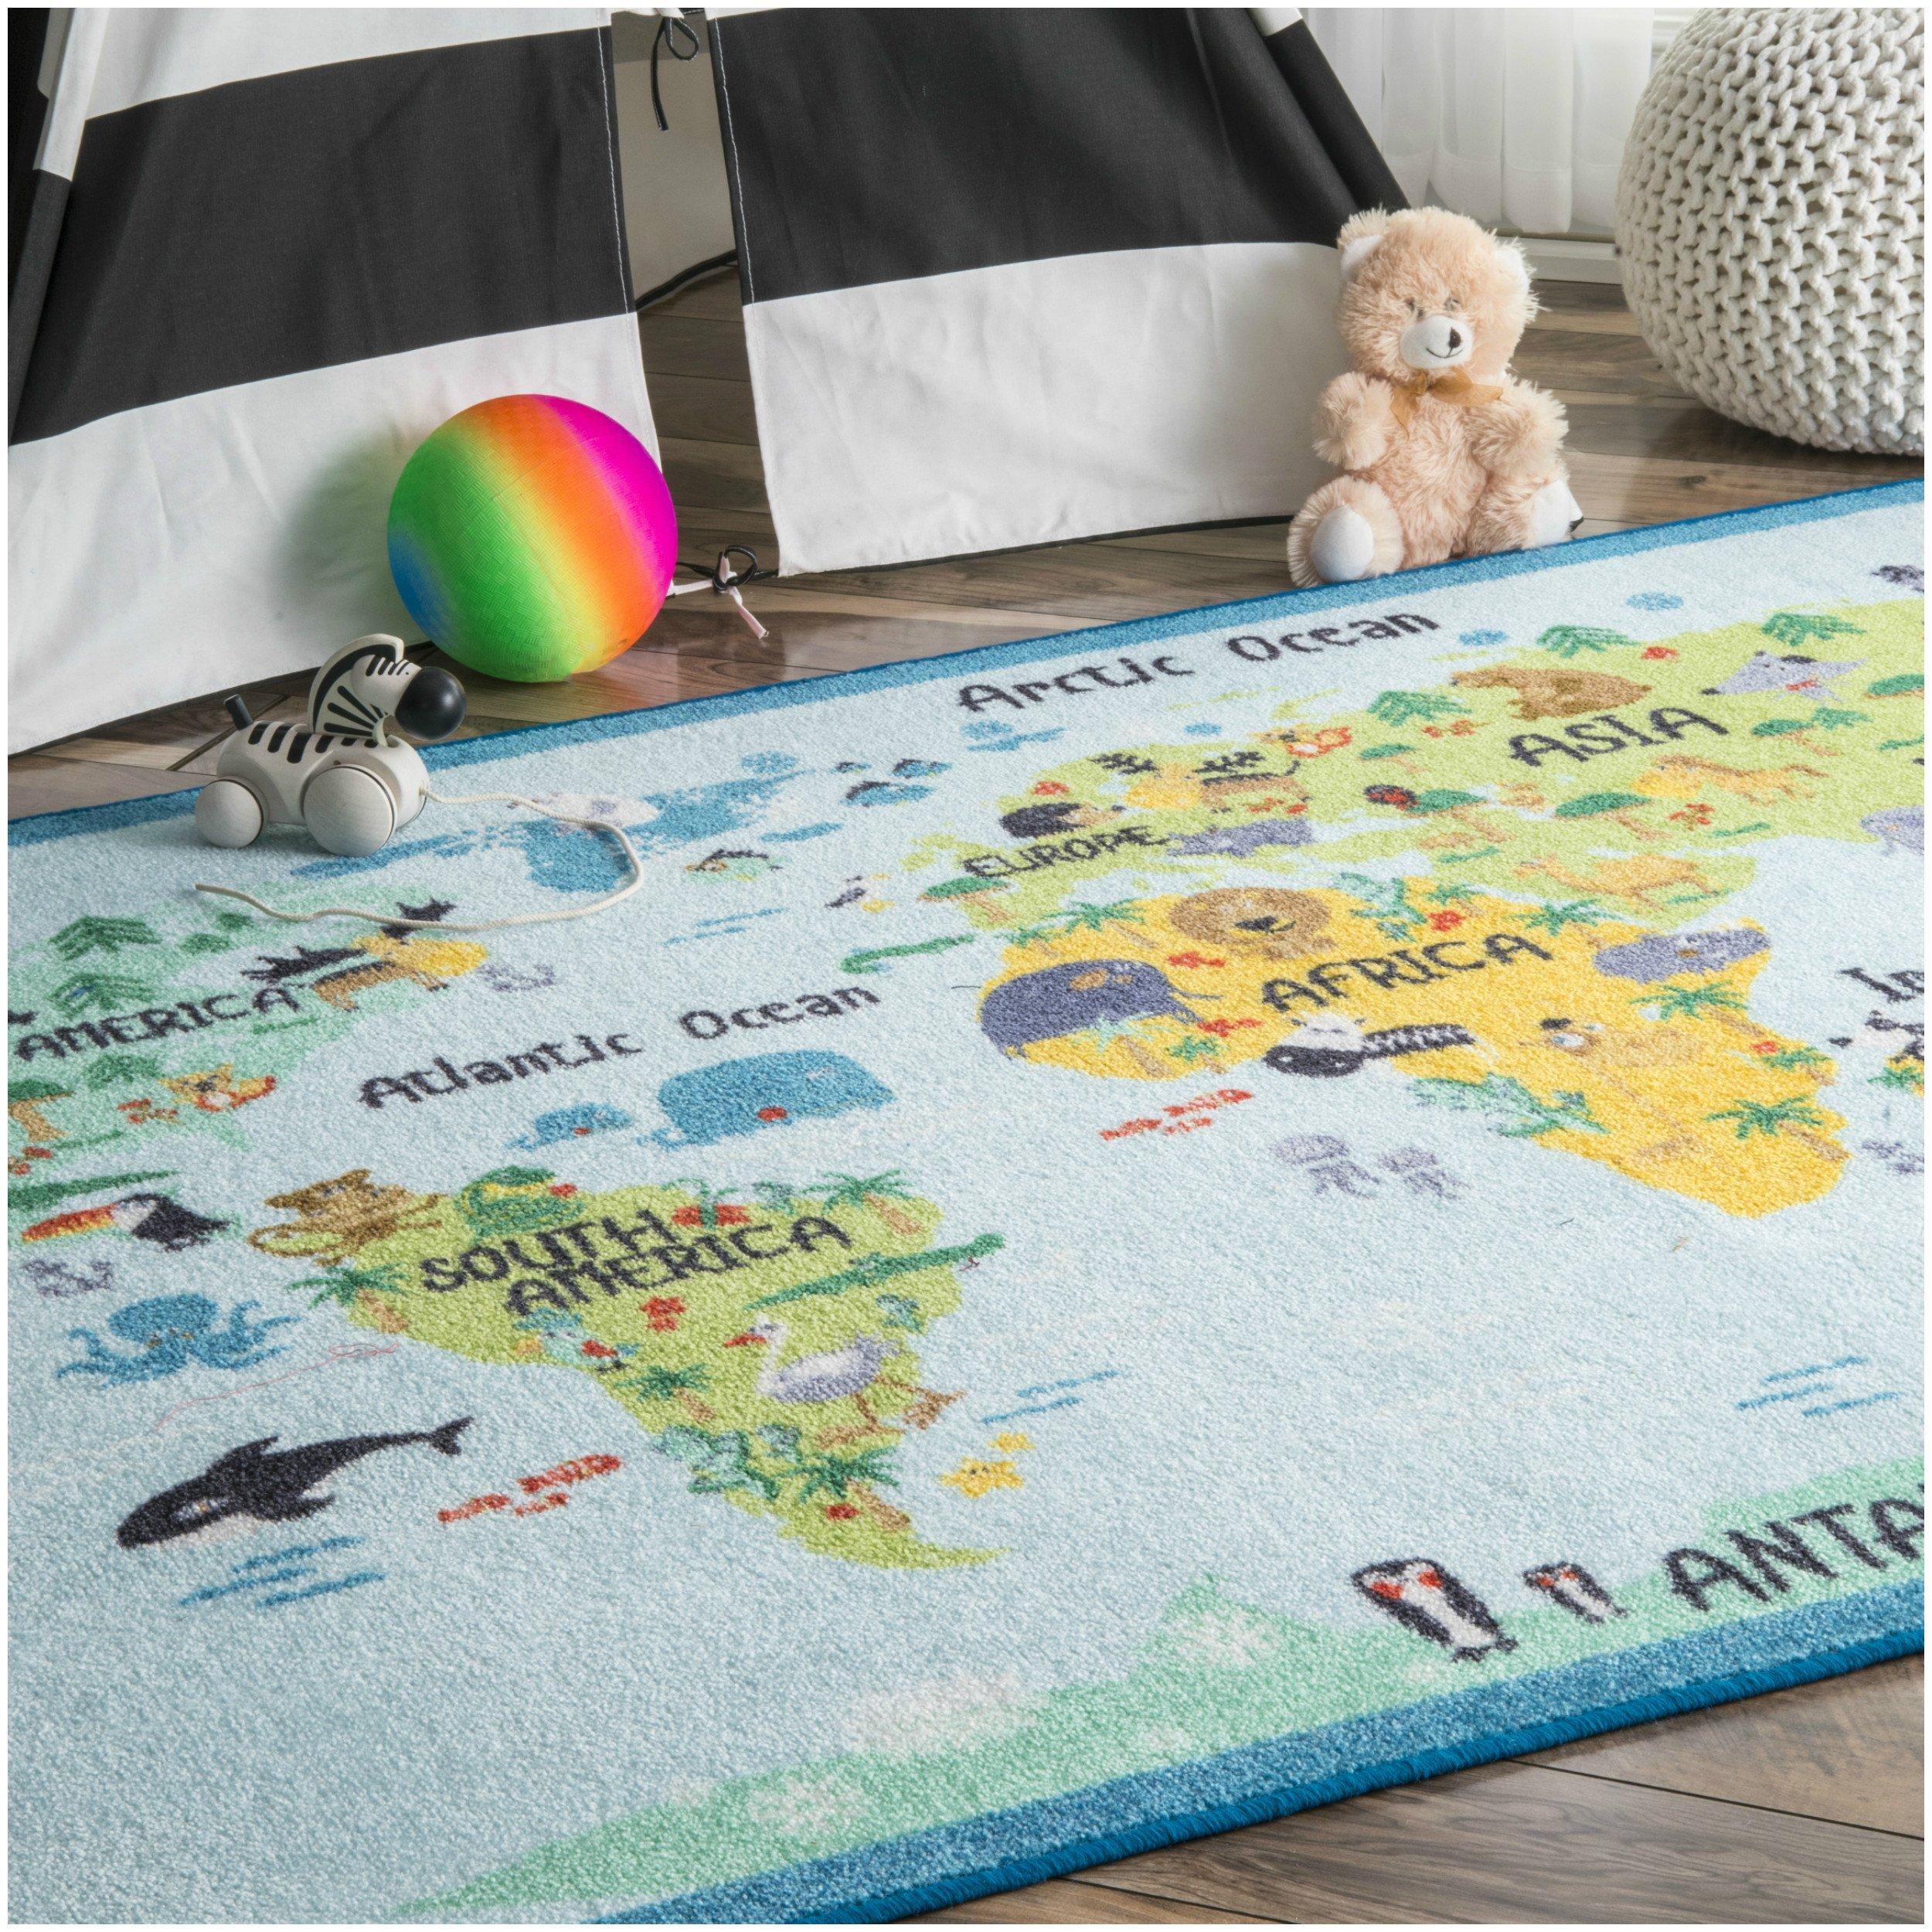 nuLOOM Nursery Animal World Kids Area Rugs, 3' 3'' x 5', Baby Blue